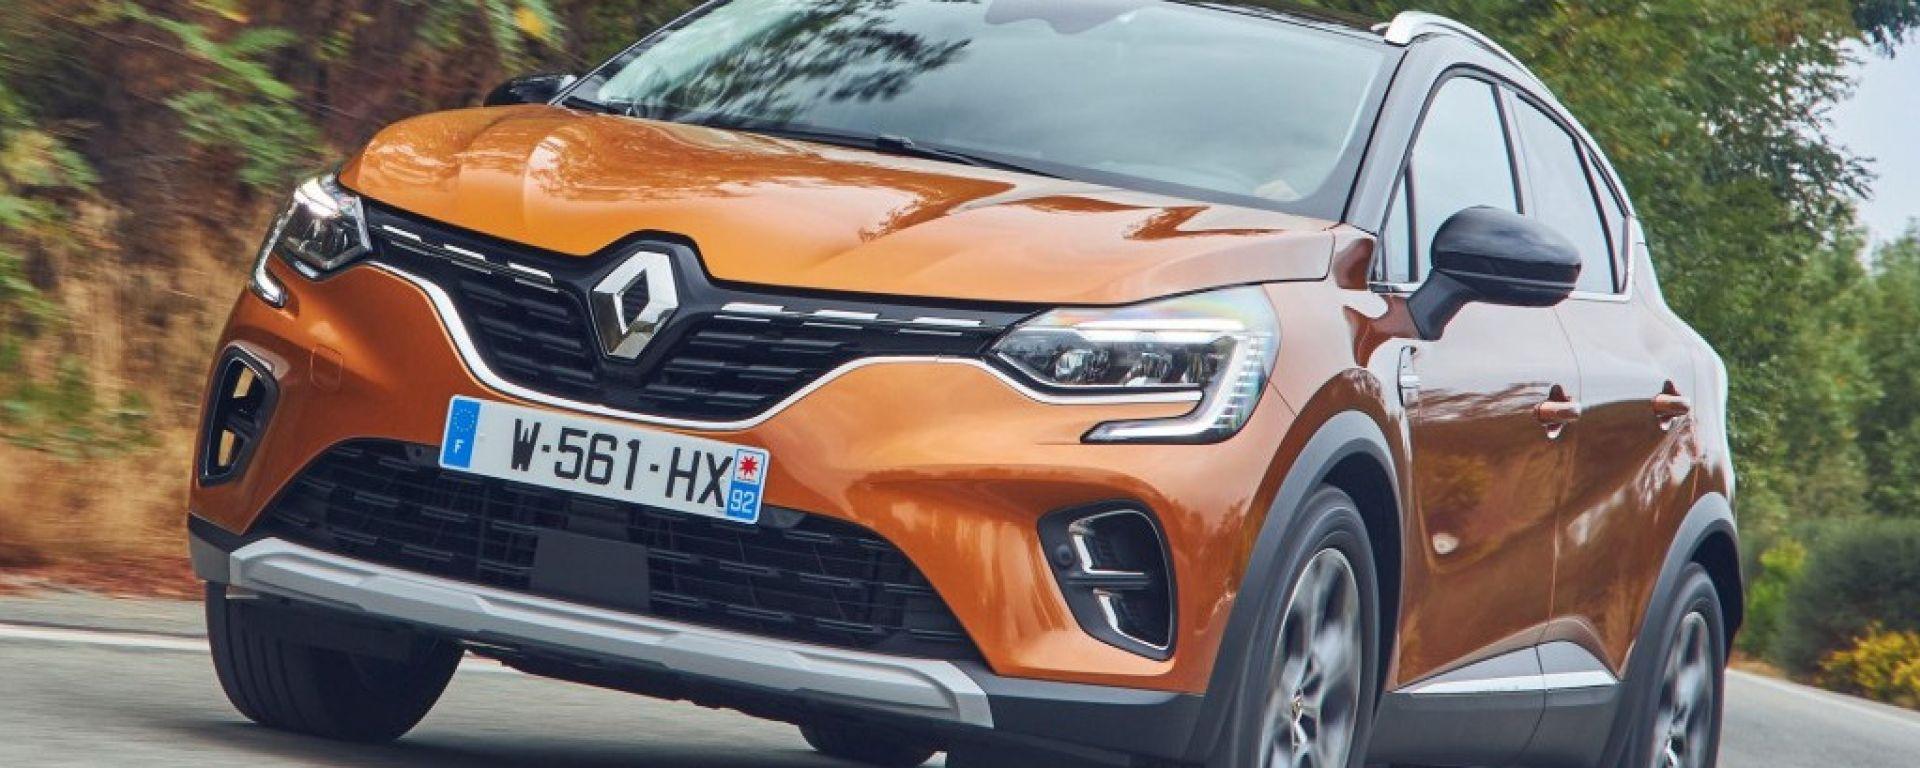 Nuovo Renault Captur, vista 3/4 anteriore